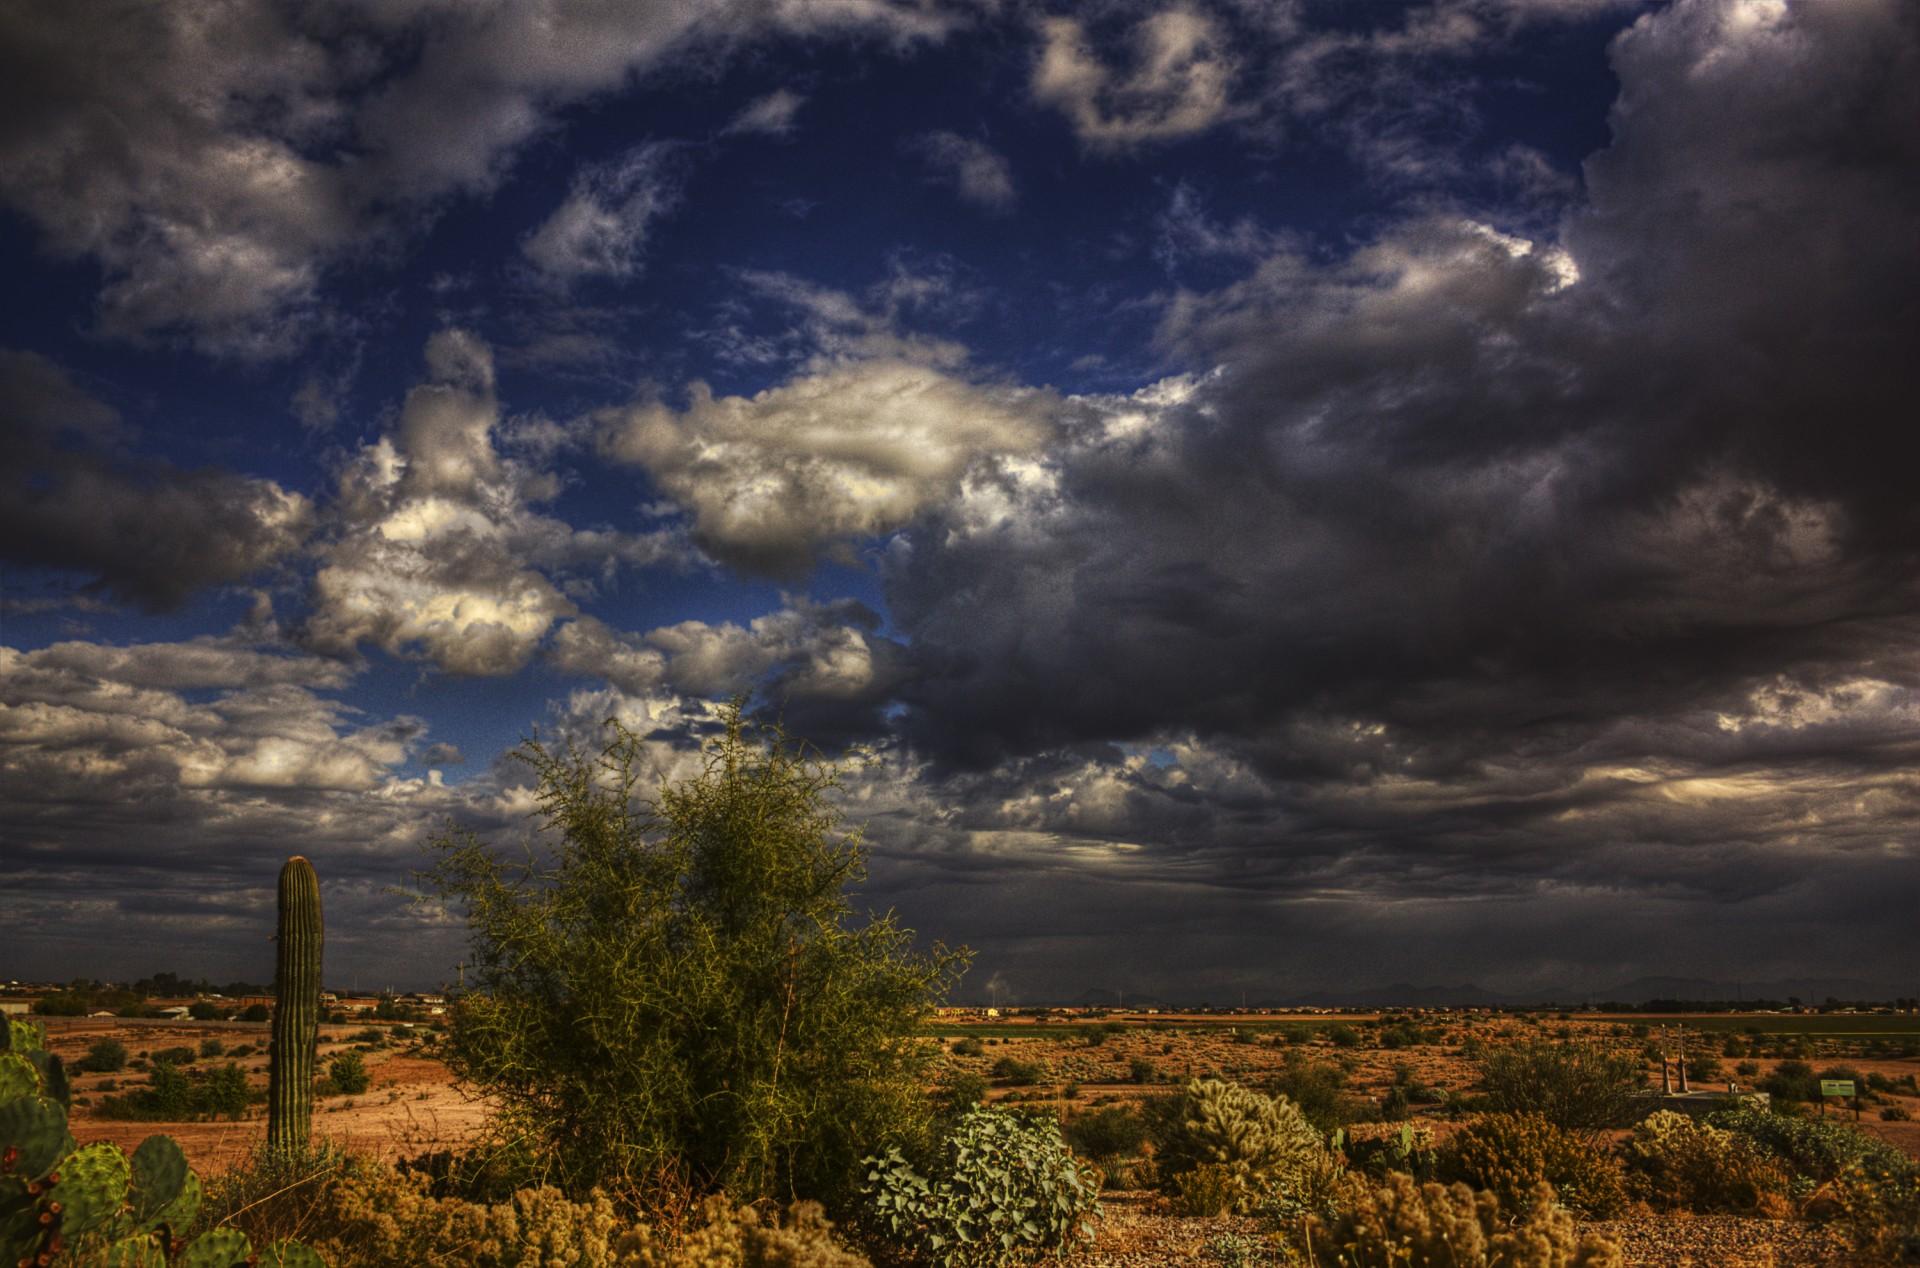 безоблачное небо над пустыней загрузить